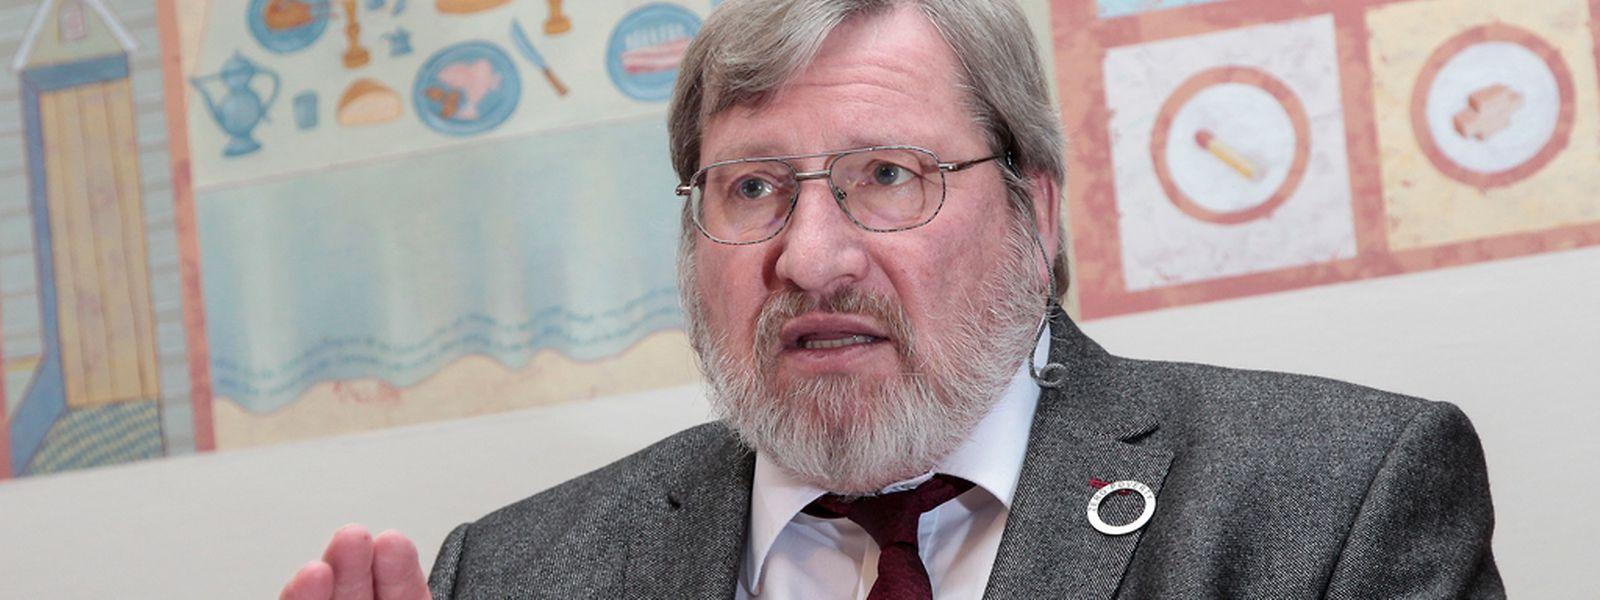 Robert Urbé von der Caritas fordert, dass die Politik das Problem der Armut in Luxemburg endlich richtig ernst nimmt.